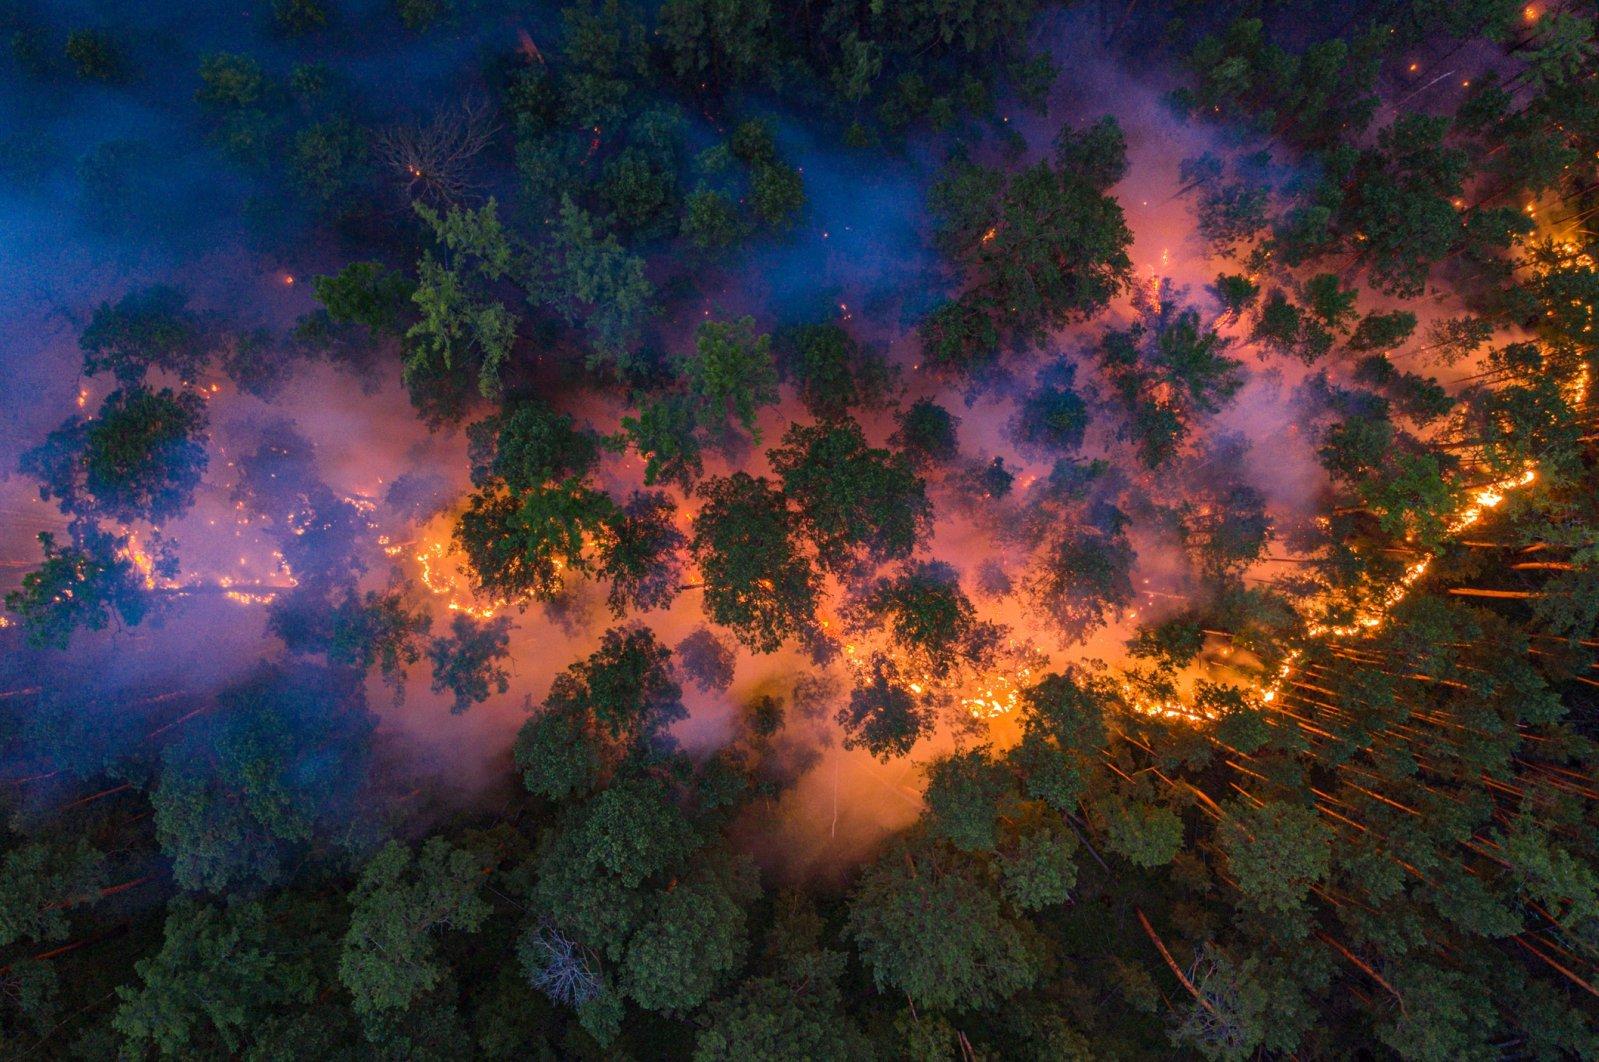 An aerial view shows a forest fire in Krasnoyarsk Region, Russia July 17, 2020. Picture taken July 17, 2020. (Julia Petrenko/Greenpeace via Reuters)